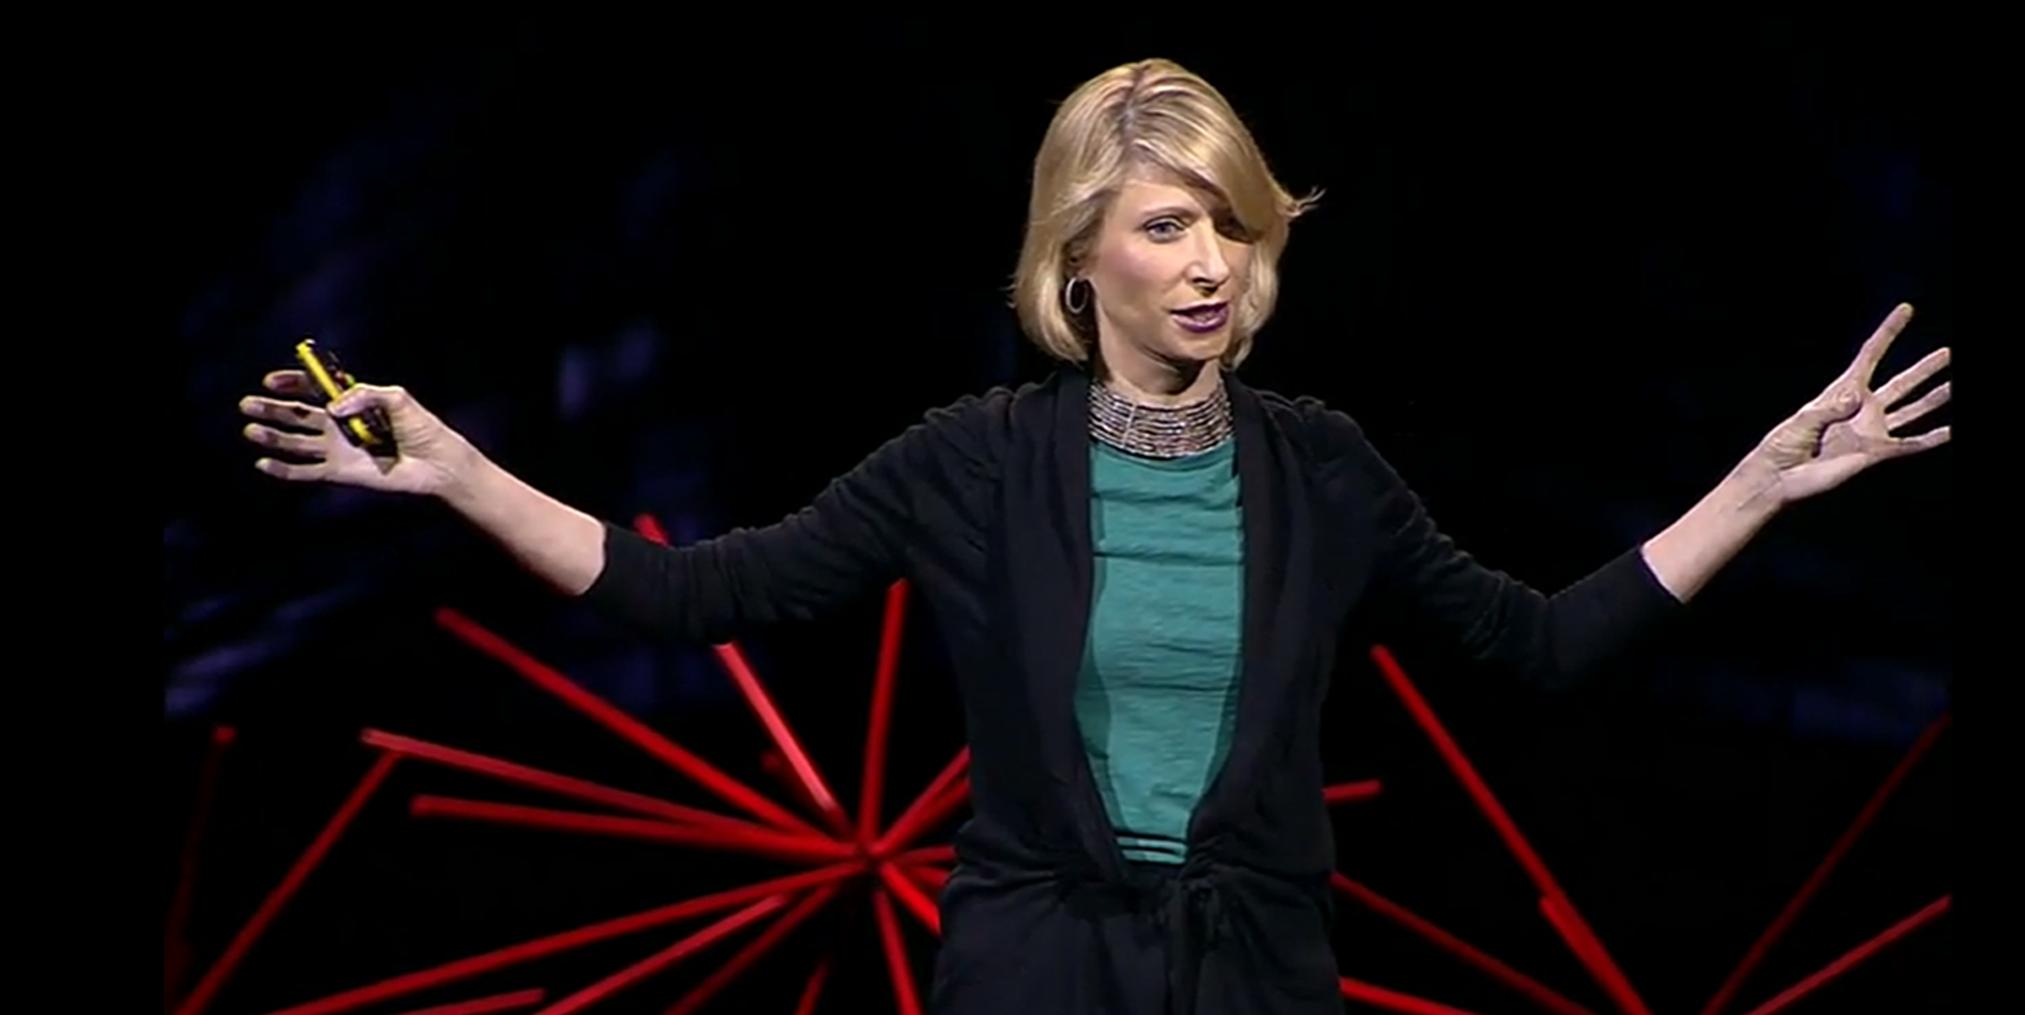 Amy Cuddy at TED talk